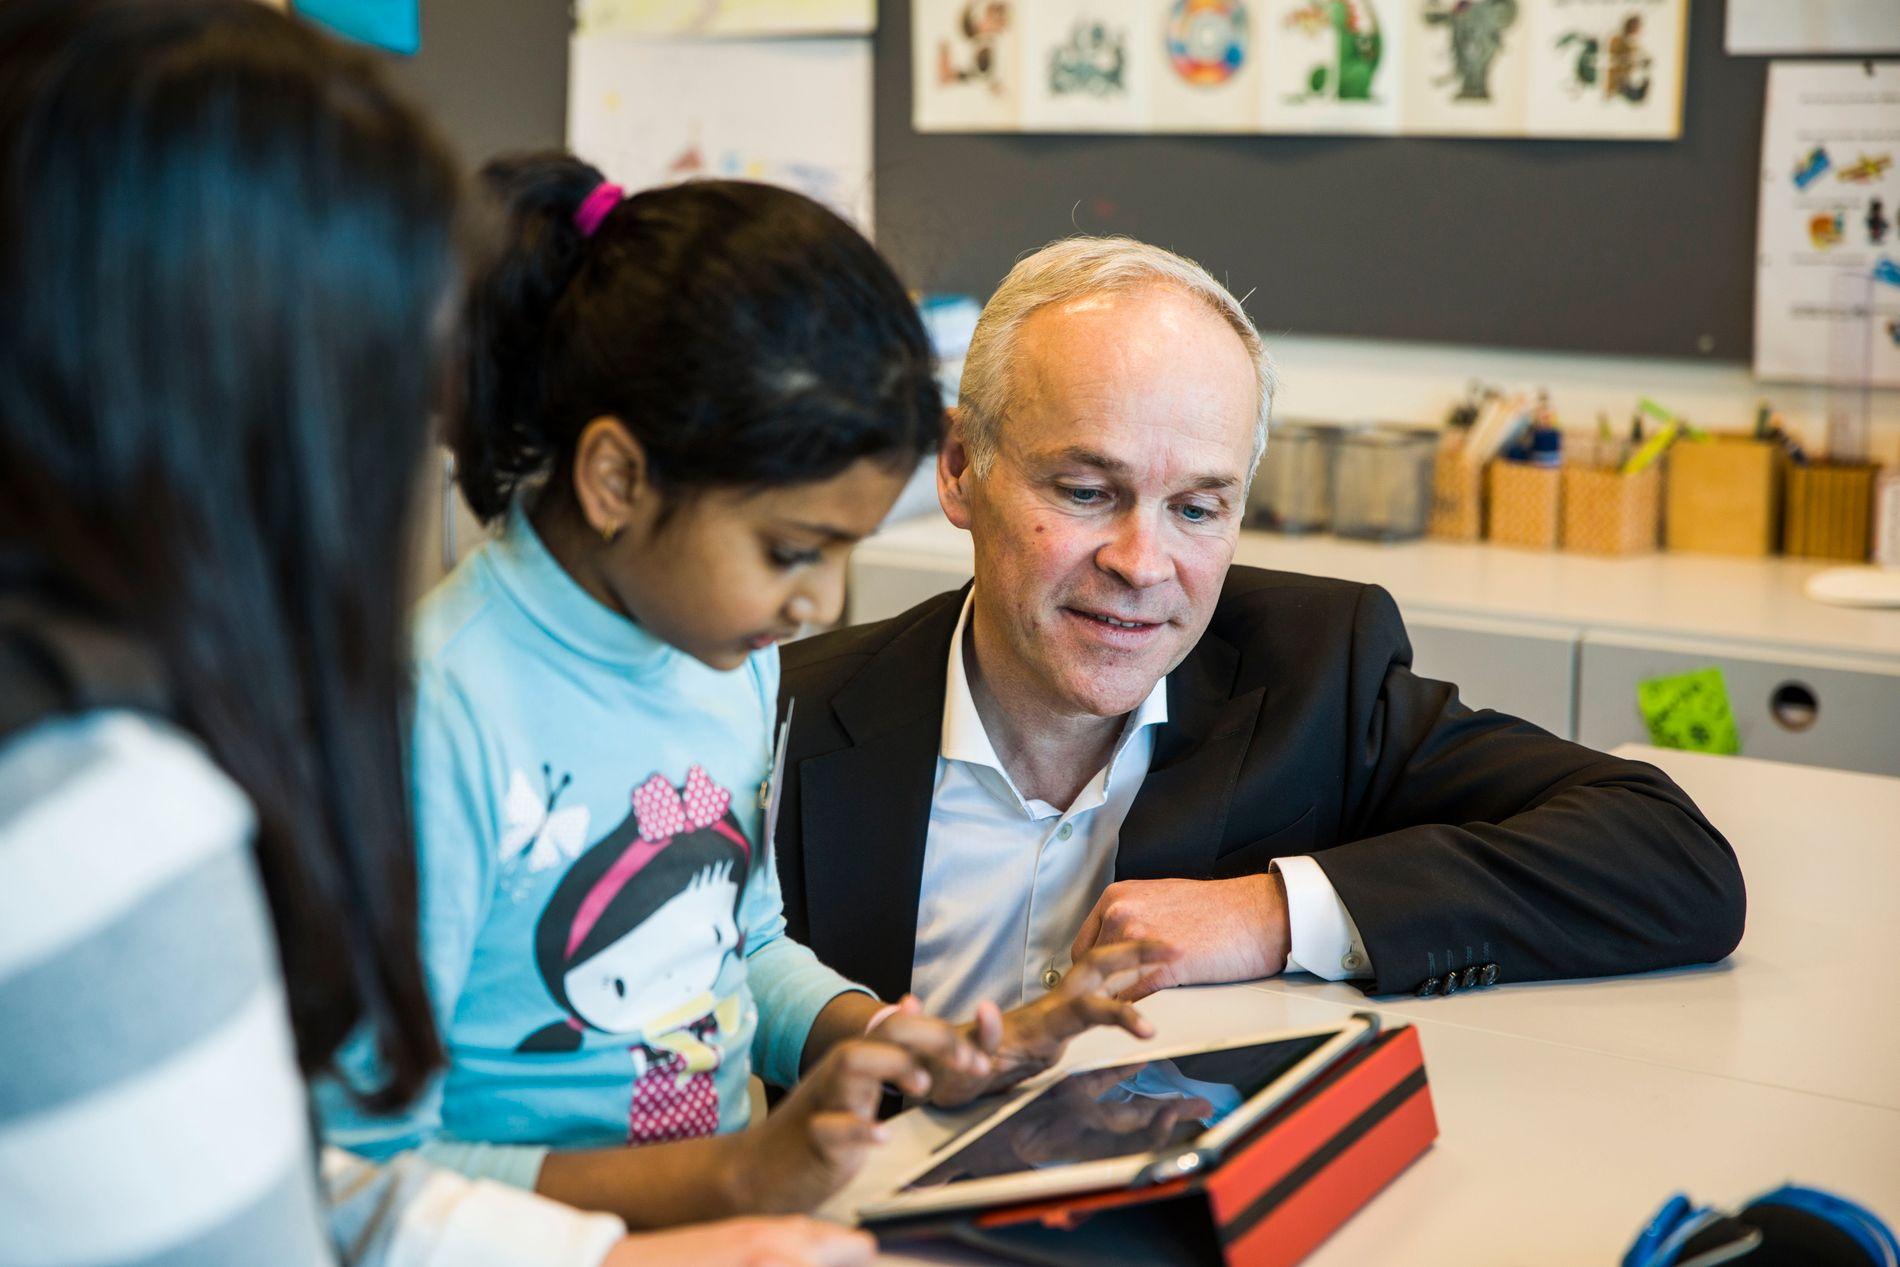 MØTER ELEVER: Kunnskaps- og integreringsminister Jan Tore Sanner (H) avbildet da han møtte elever i en mottaksklasse på Bondi skole i Asker tidligere i vinter.